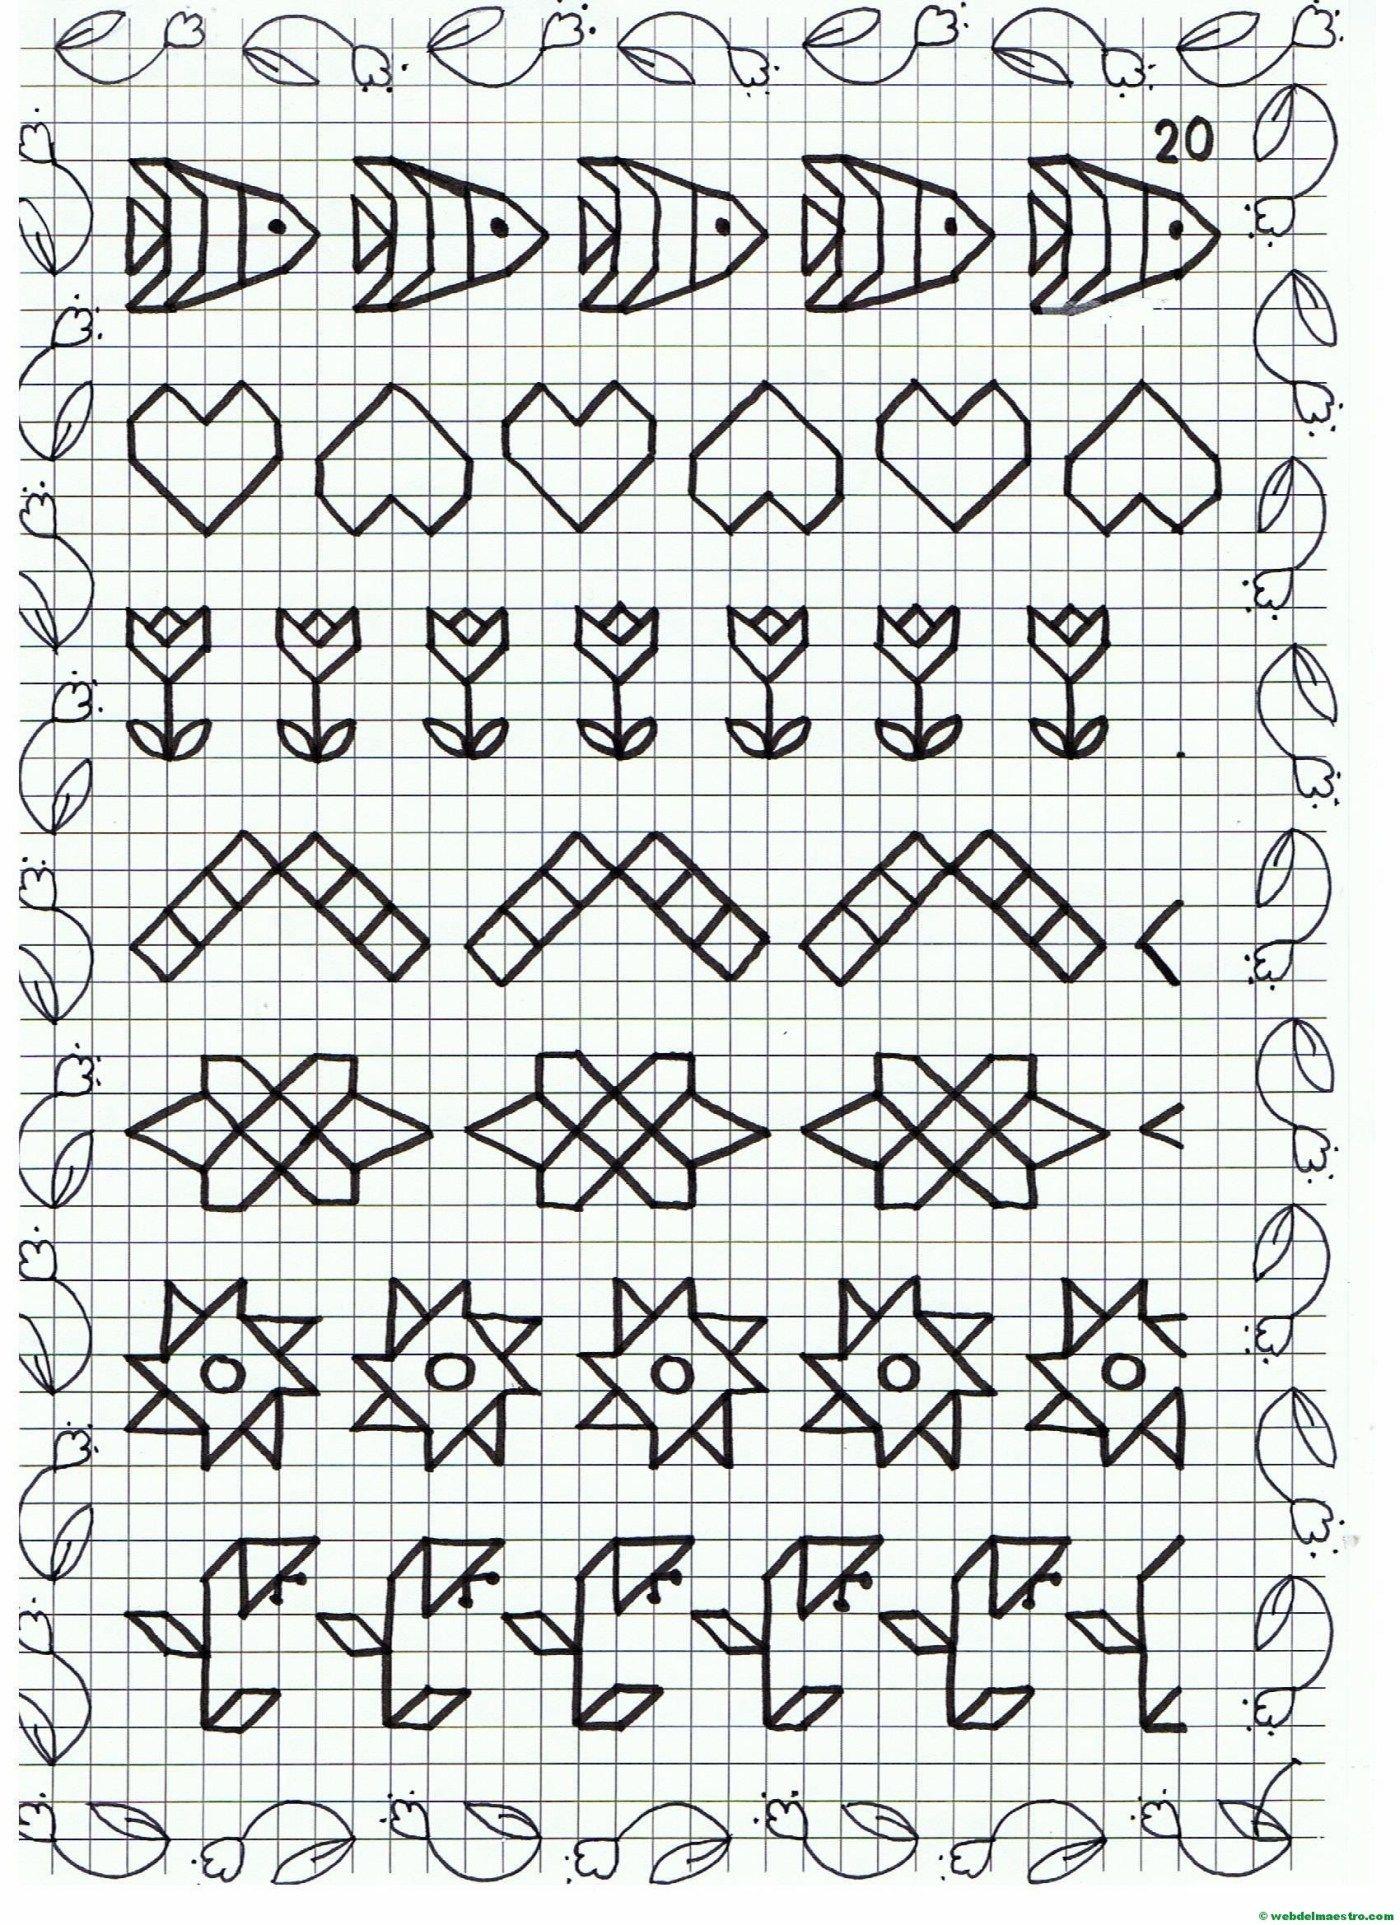 Ficha 20 Dibujos En Cuadricula Cuadricula Para Dibujar Dibujos En Cuadros